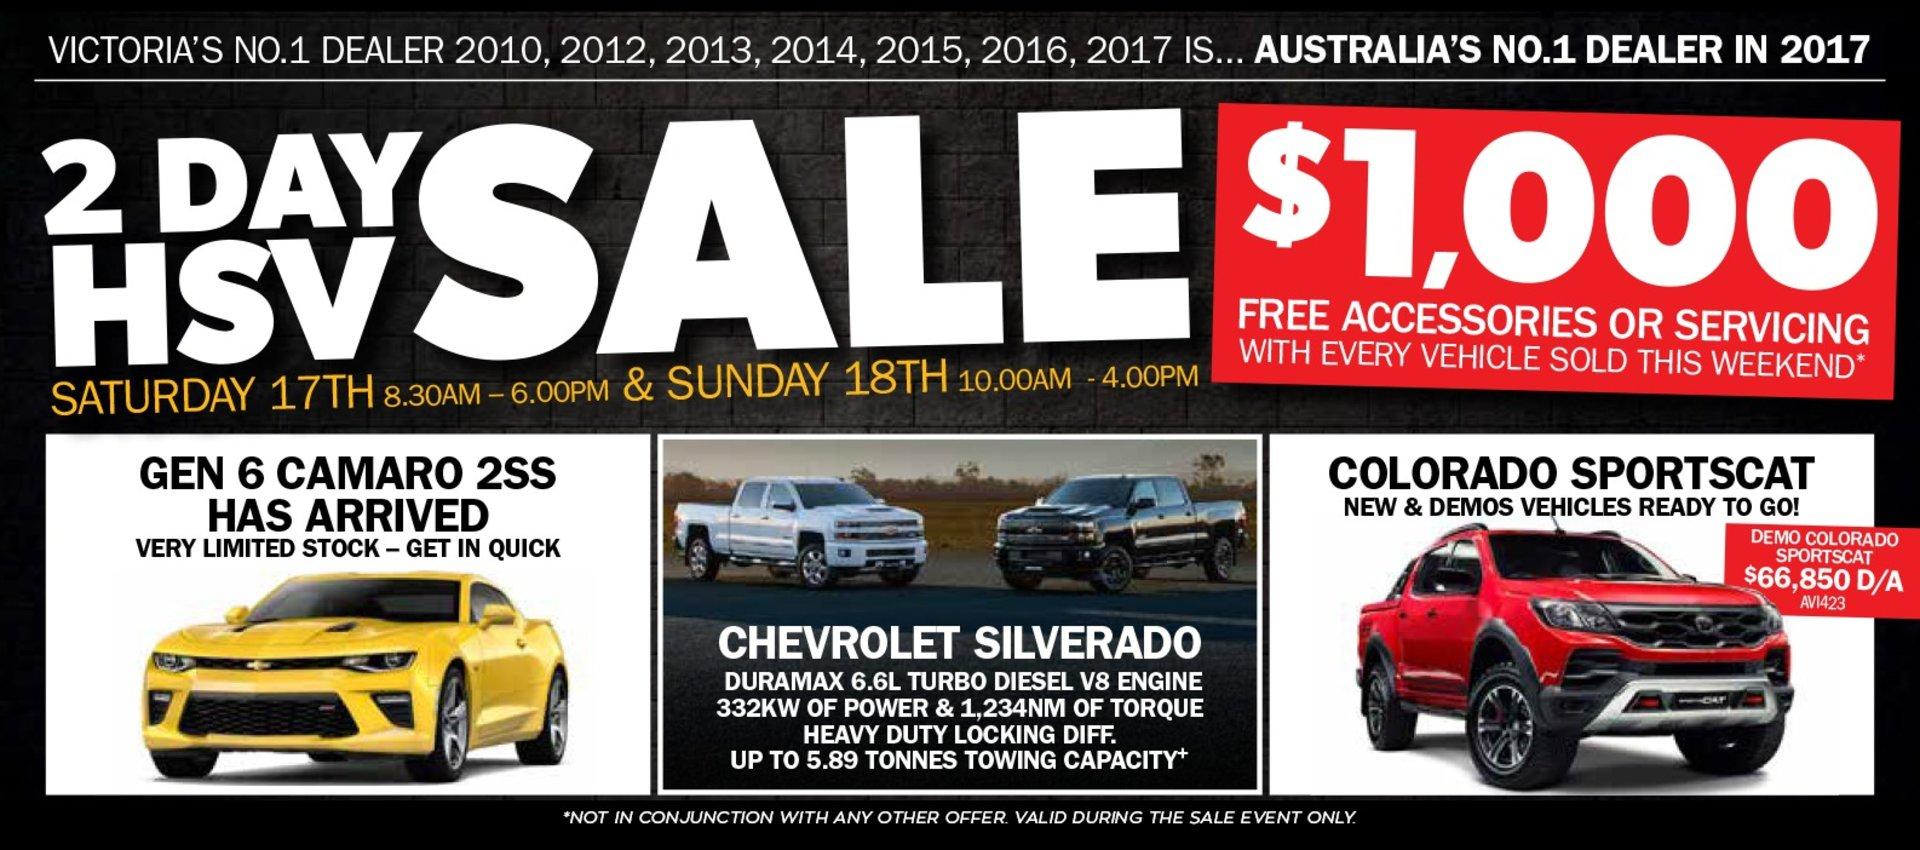 FTG HSV 2 Day Sale